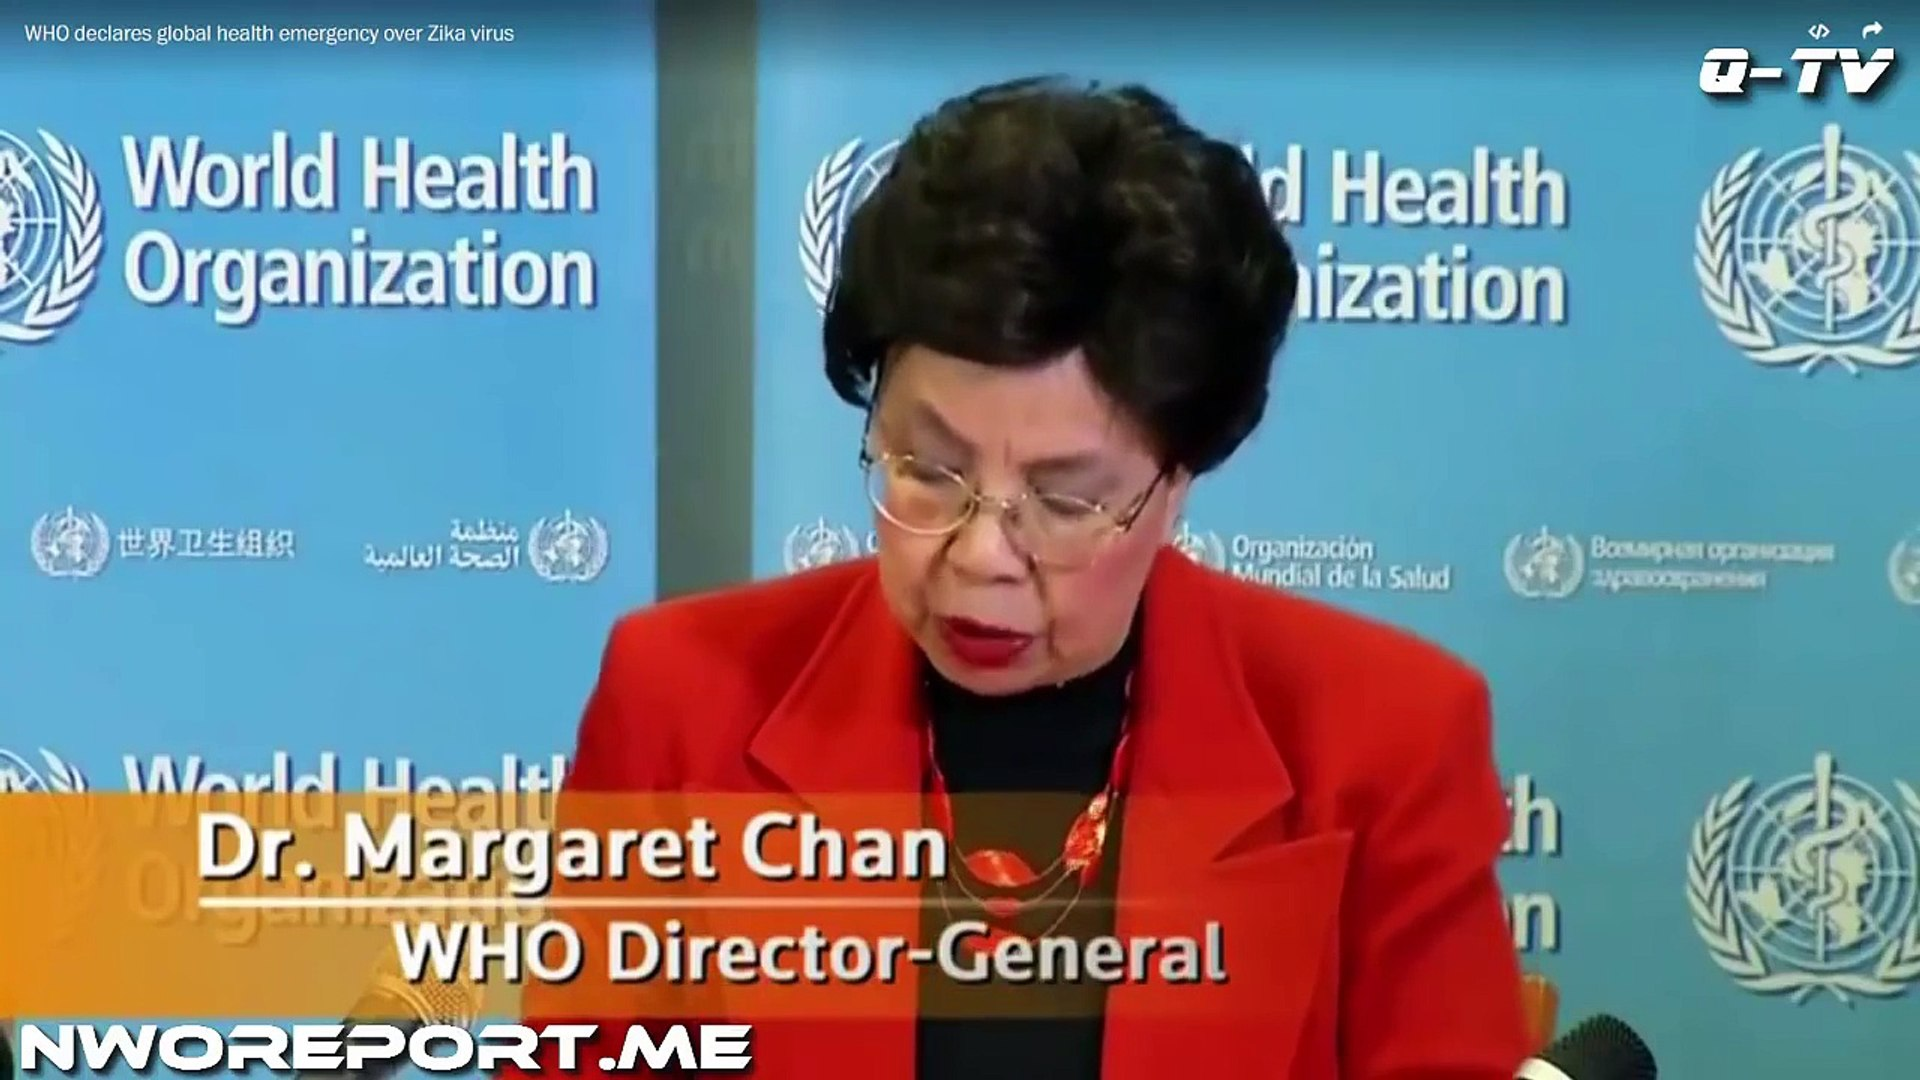 Zika Virus: WHO declares virus global public health emergency